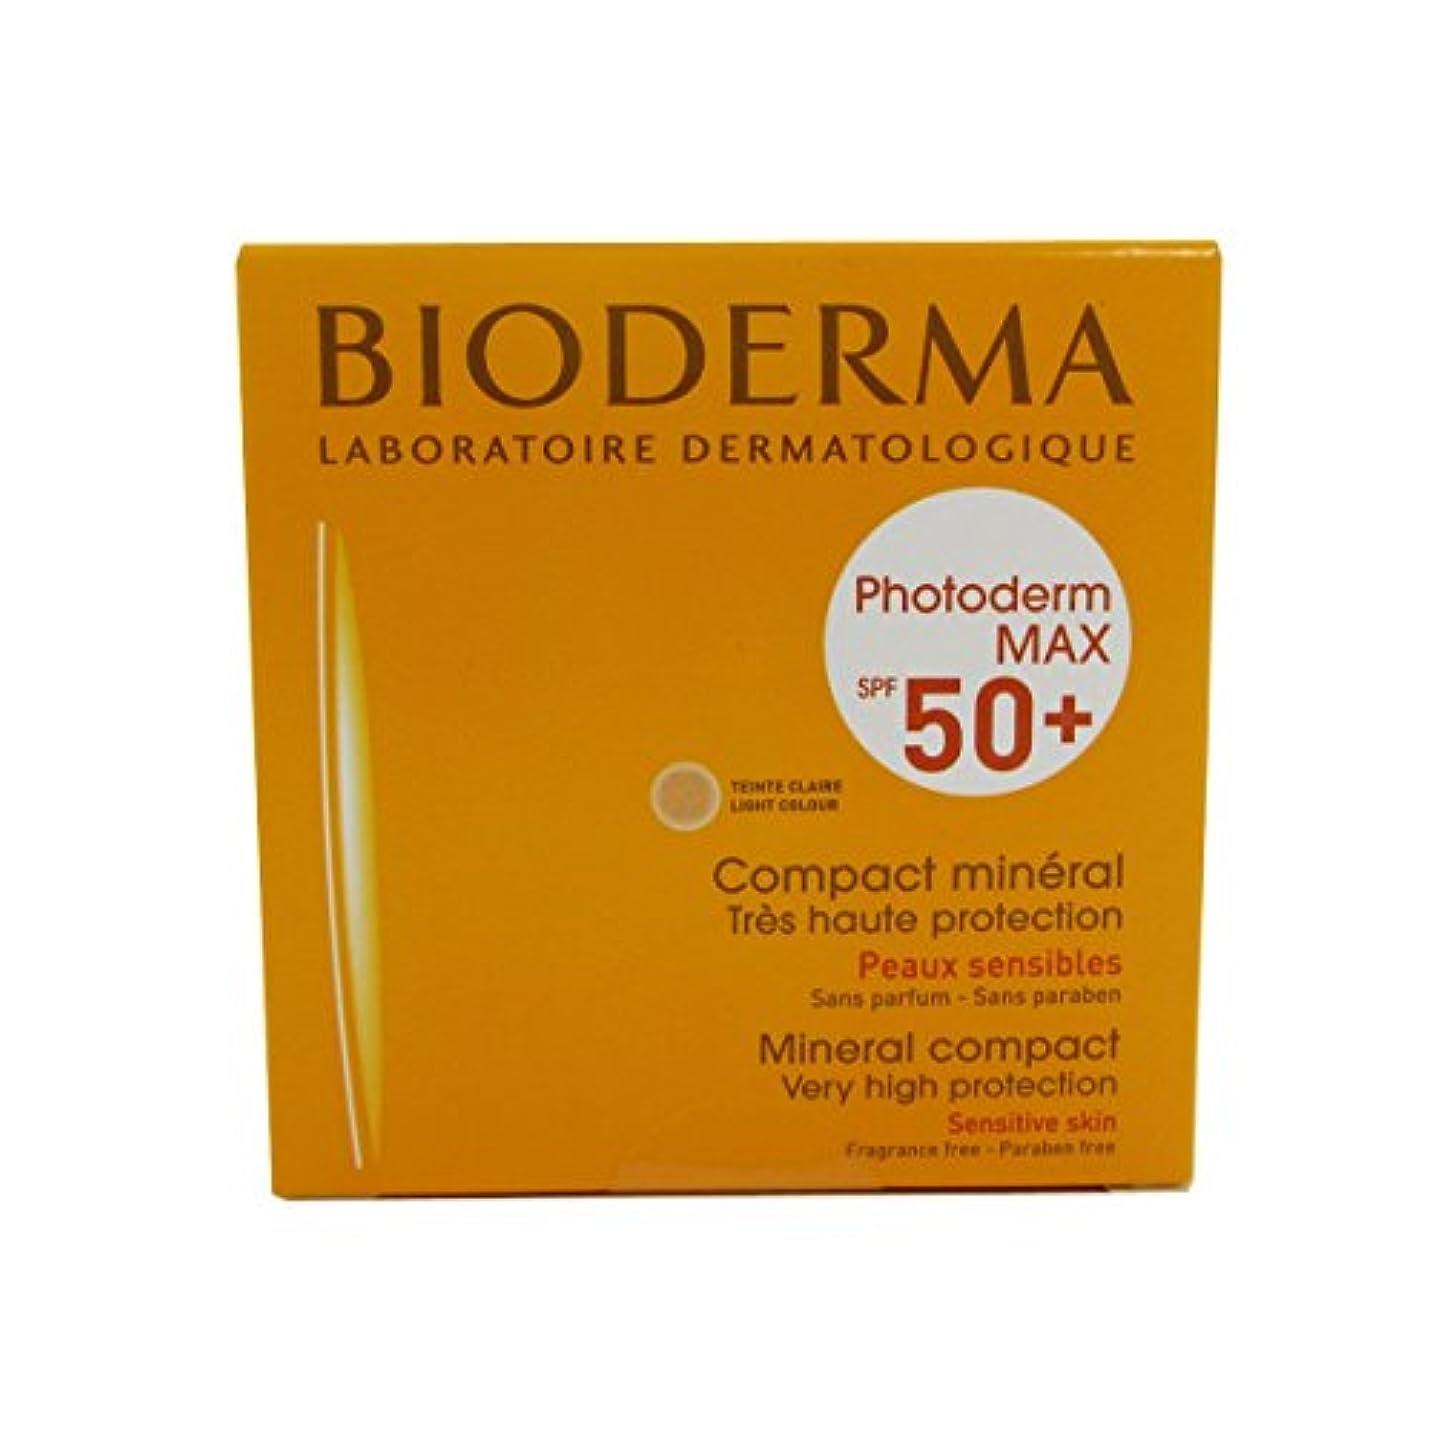 錫アクセスできないスキームBioderma Photoderm Max Compact Mineral 50+ Light 10g [並行輸入品]